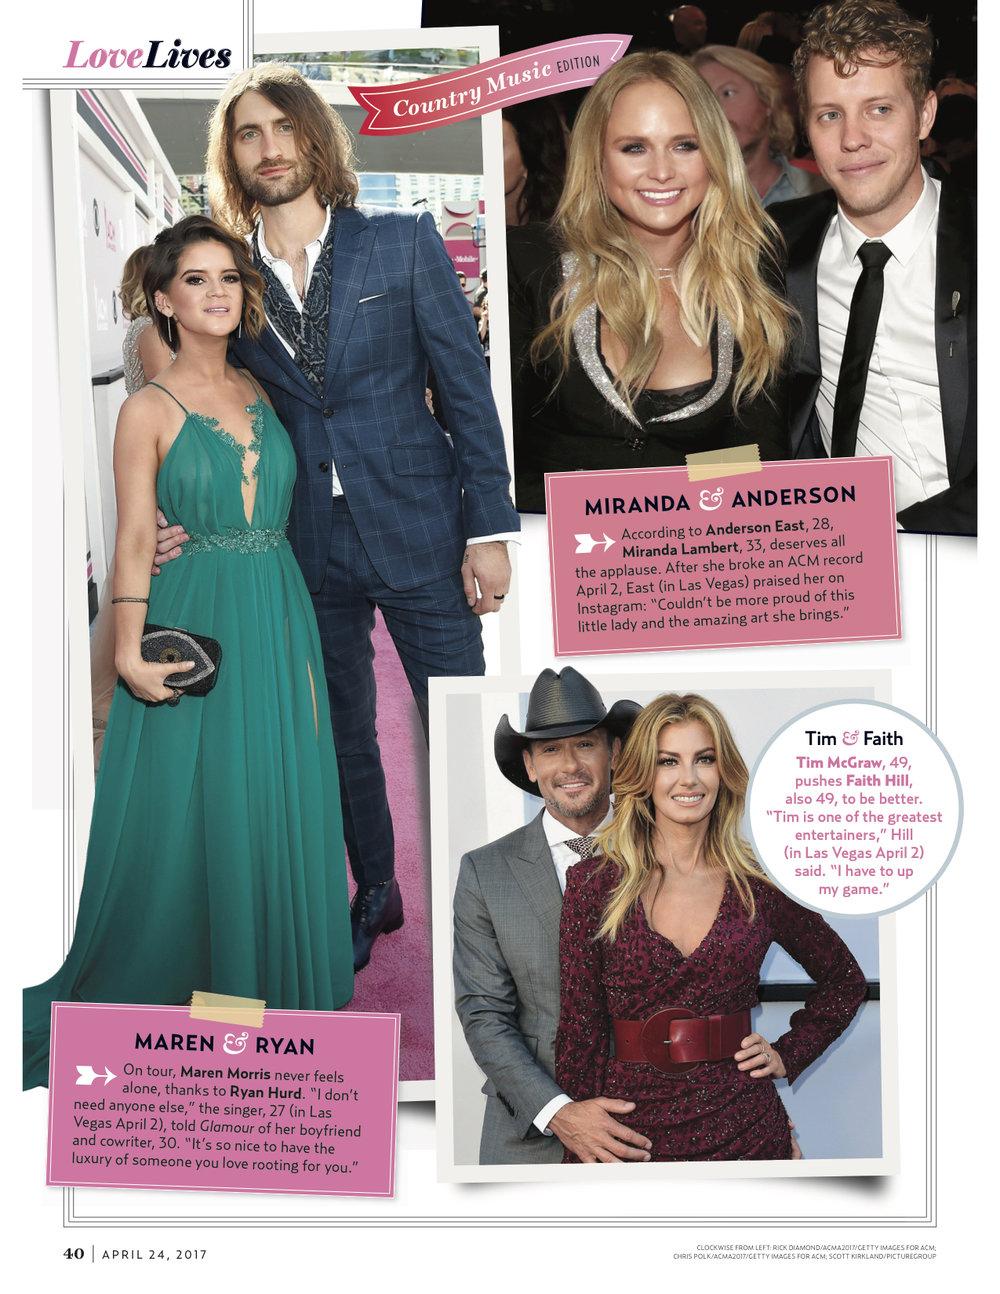 Us Magazine: Ryan Hurd featured